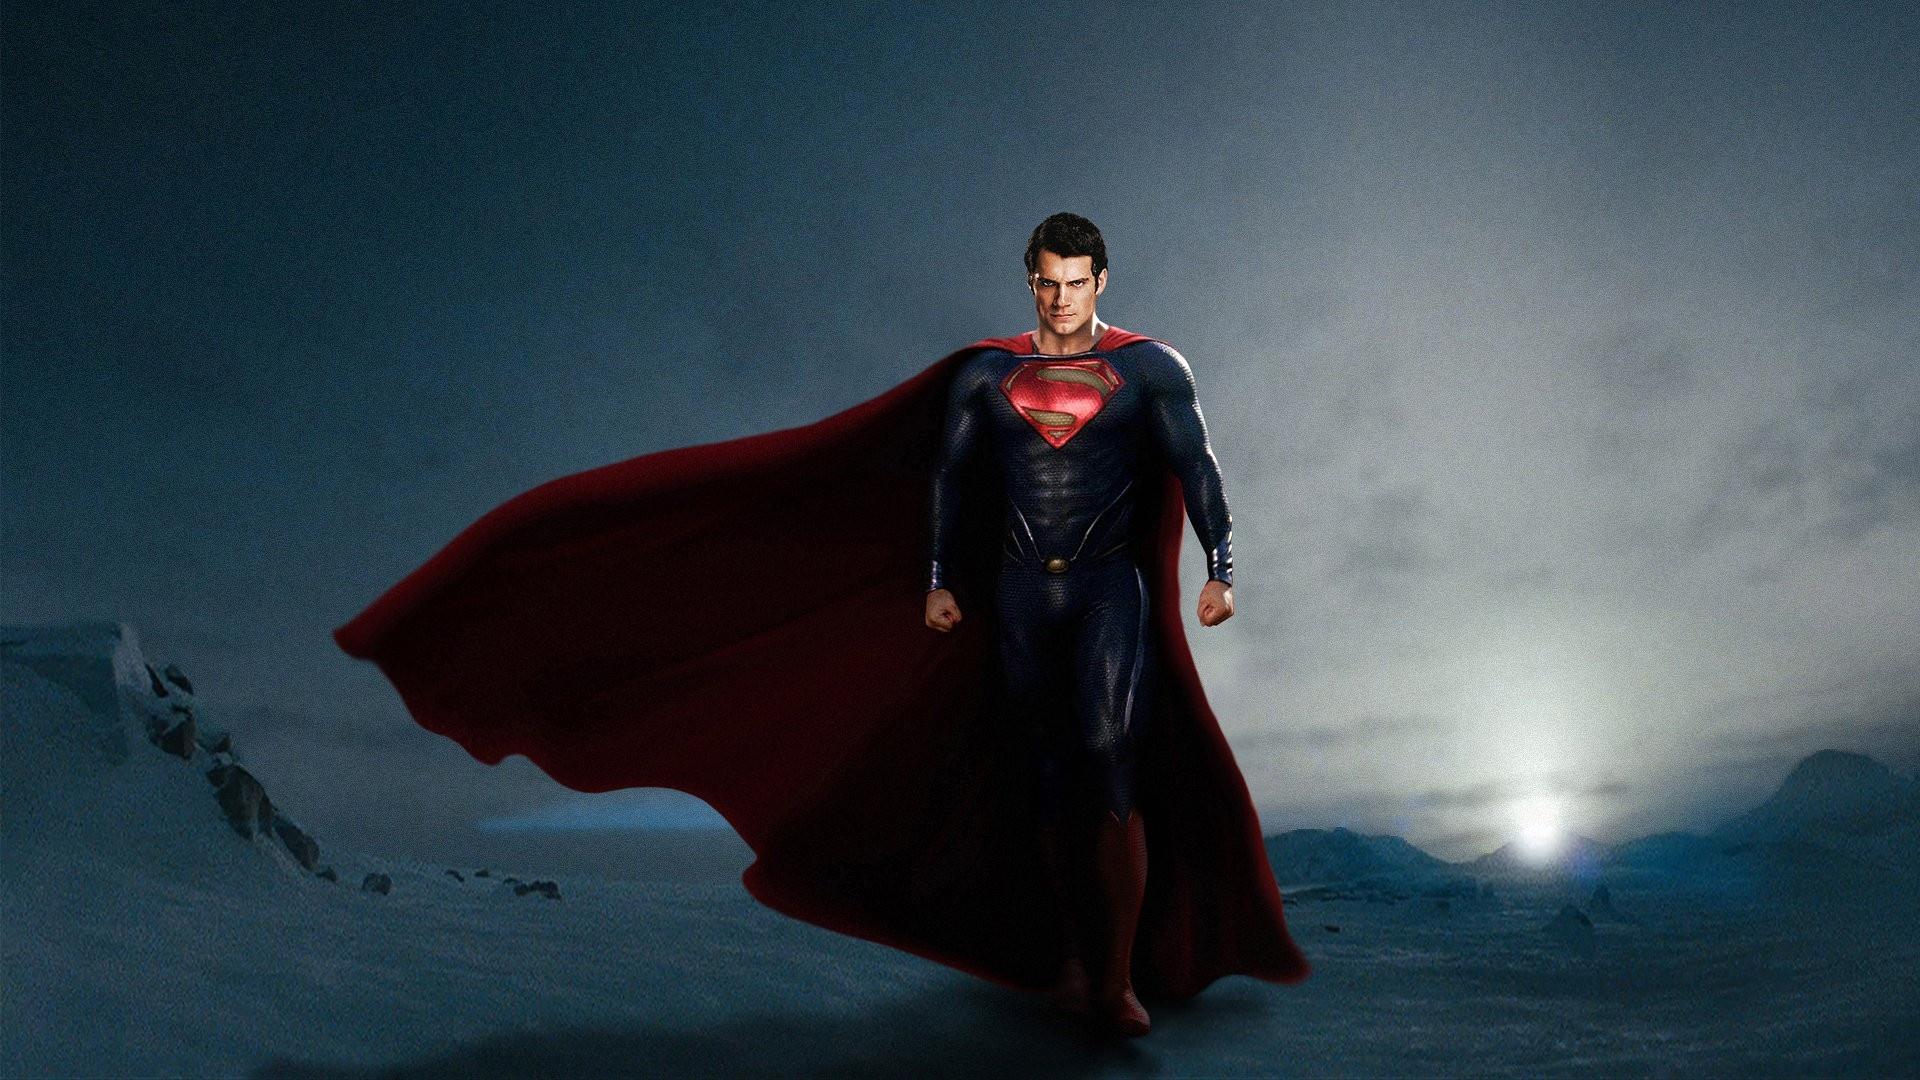 Hd wallpaper superman - Superman In Man Of Steel Wallpapers Hd Wallpapers